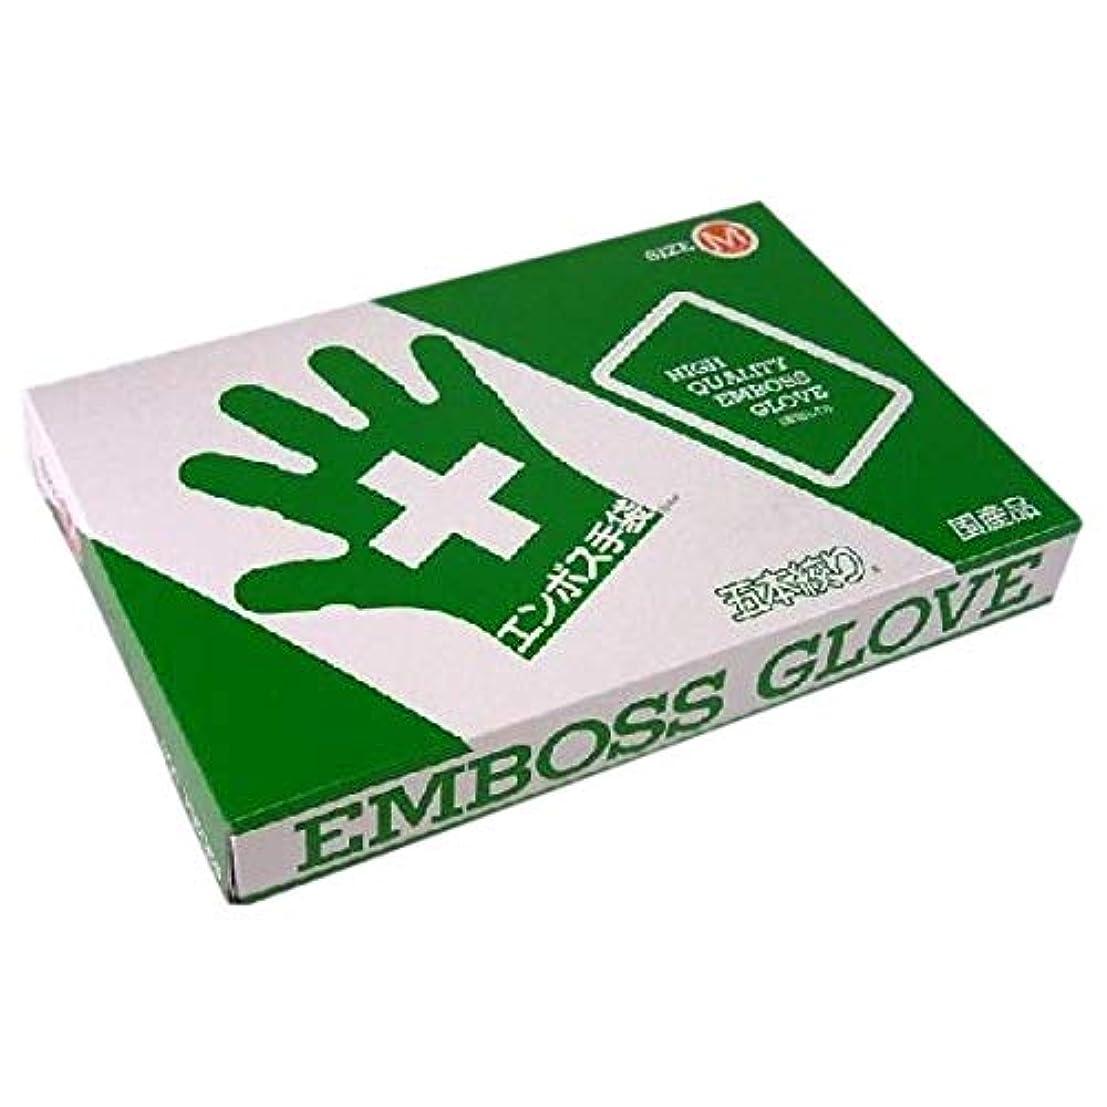 圧力闘争ヘルシーエンボス手袋 5本絞り(使い捨て手袋国産品) 東京パック M 200枚入